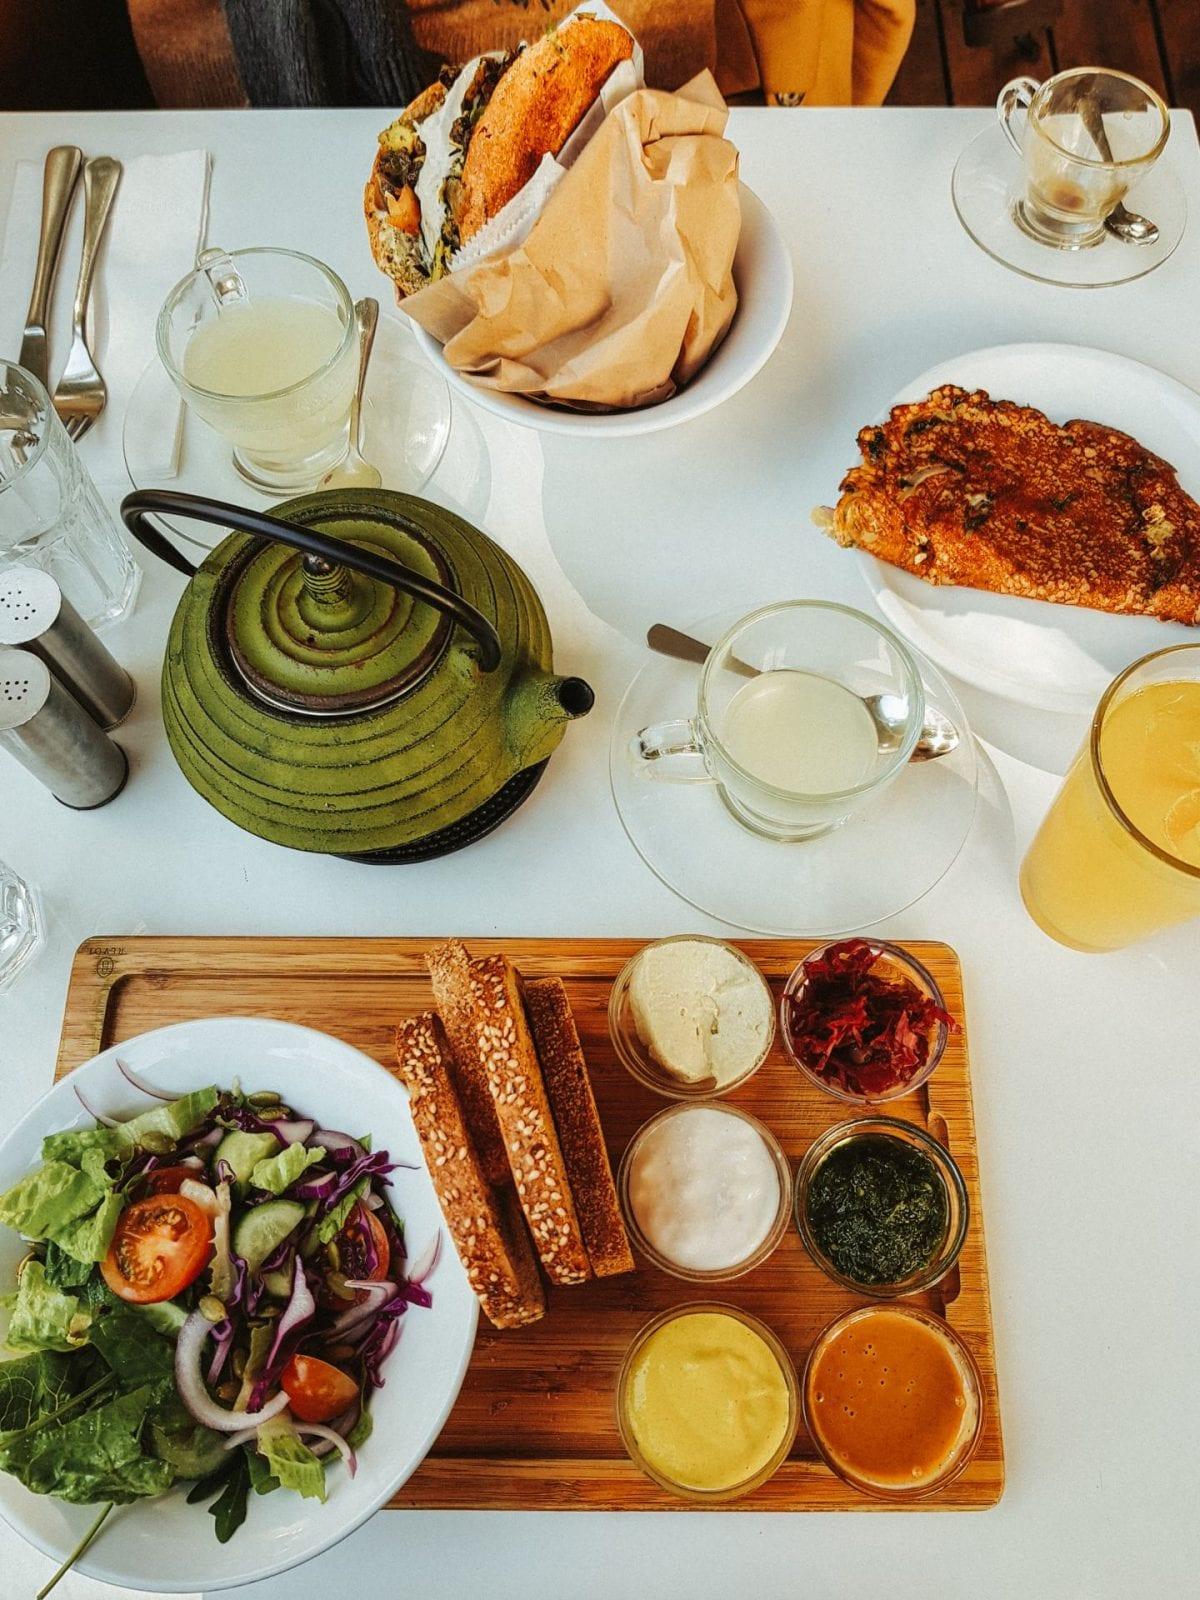 Veganes Frühstück im restaurant Anastasia in Tel Aviv. Salat, Brot mit verschiedenen Aufstrichen, Sandwich, tee.